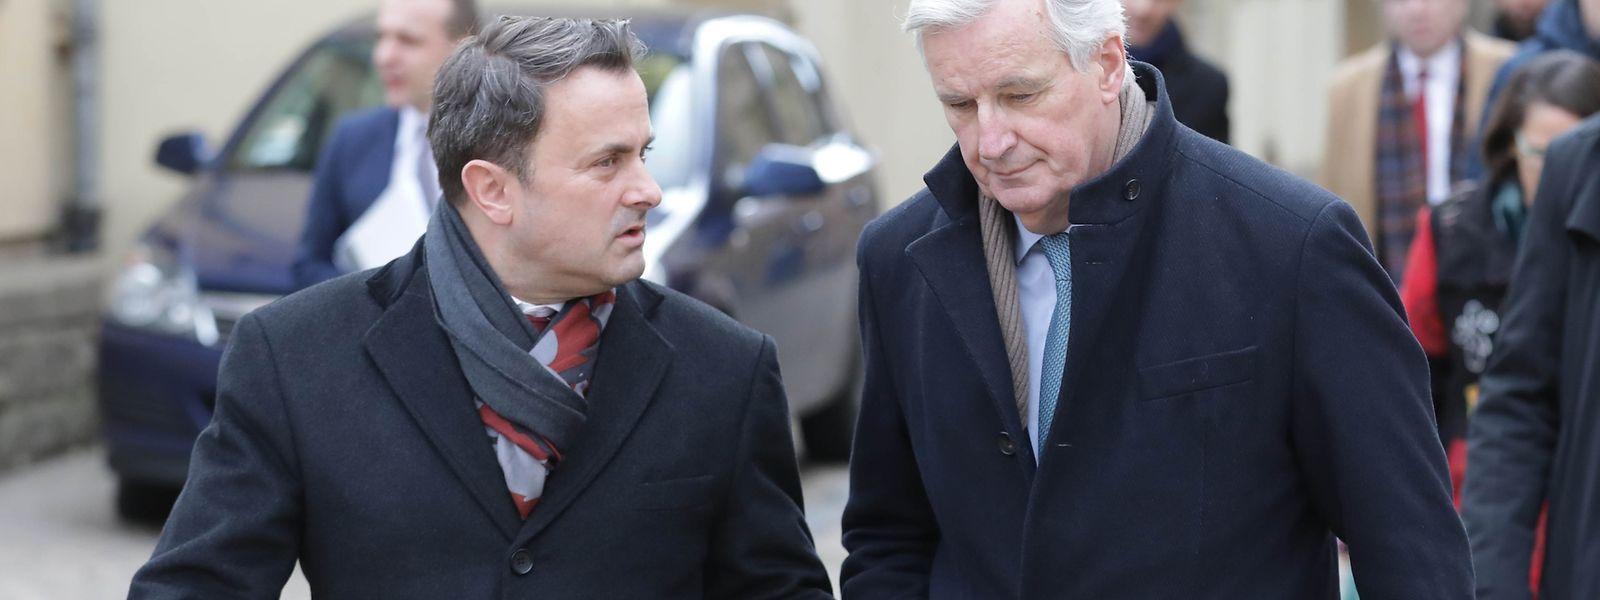 Xavier Bettel recebeu hoje o negociador da UE no processo do Brexit, Michel Barnier.